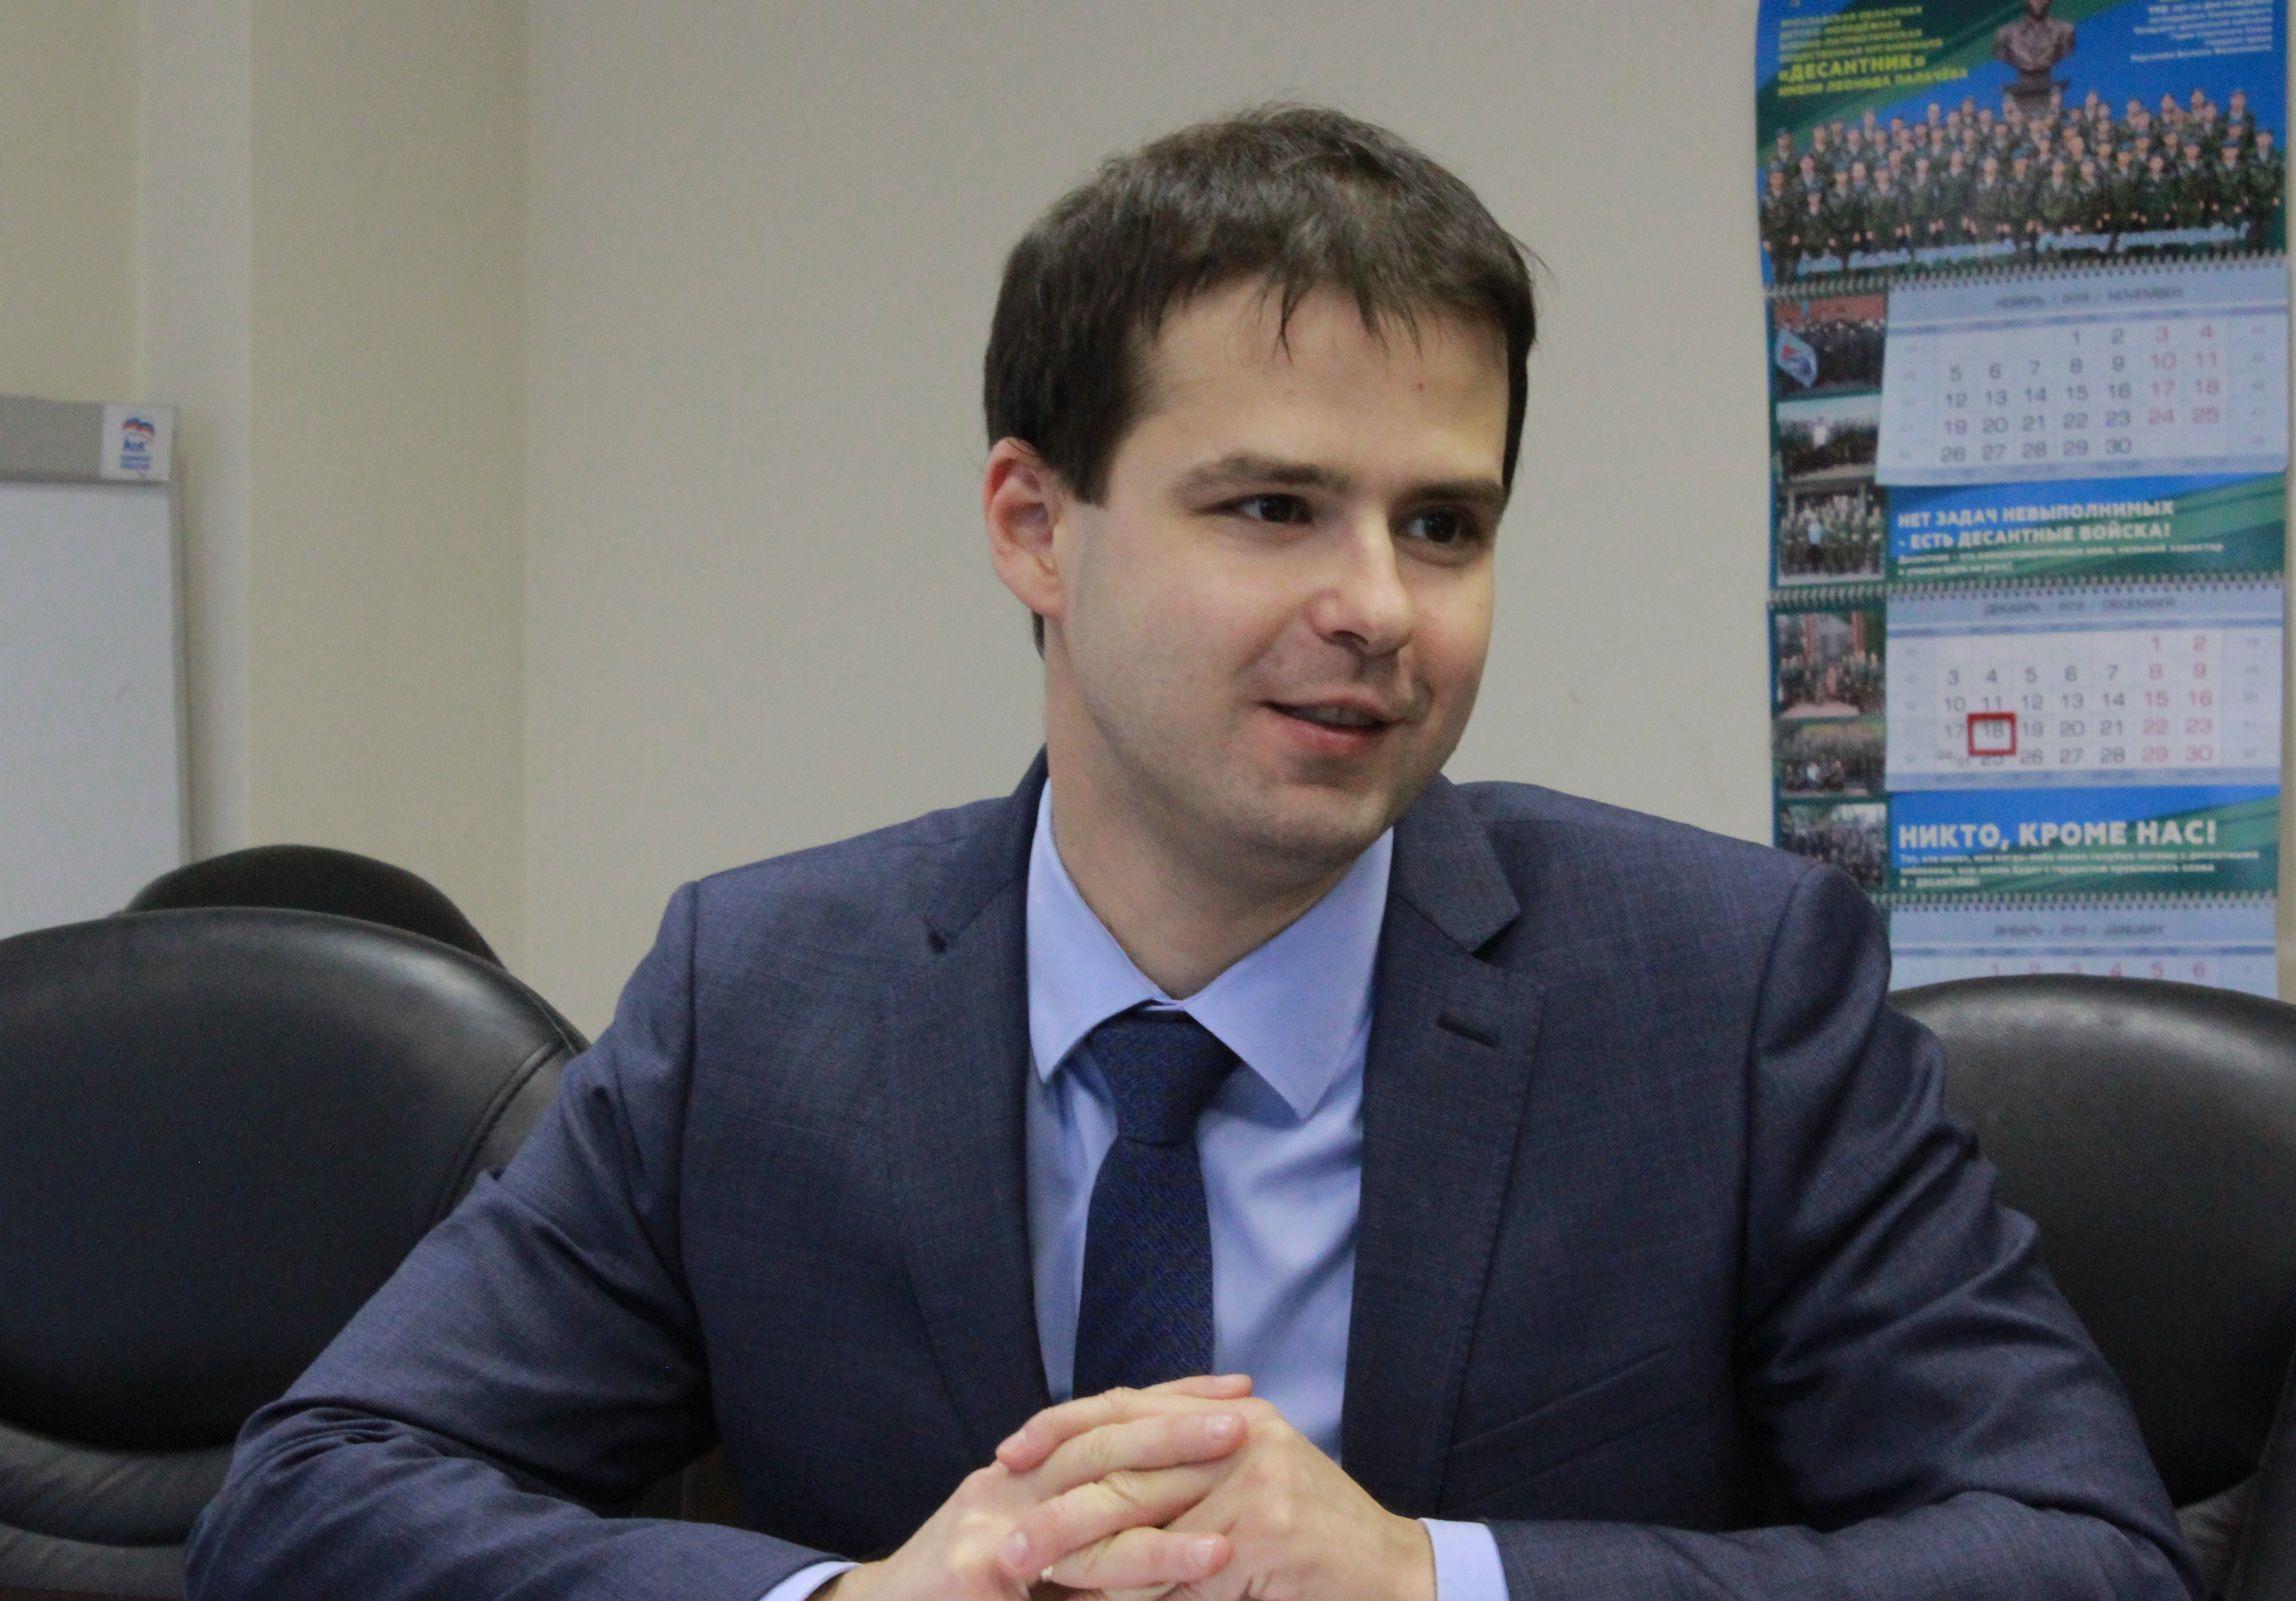 «Инкубационный период прошел»: чиновник мэрии Ярославля заболел после отпуска за границей